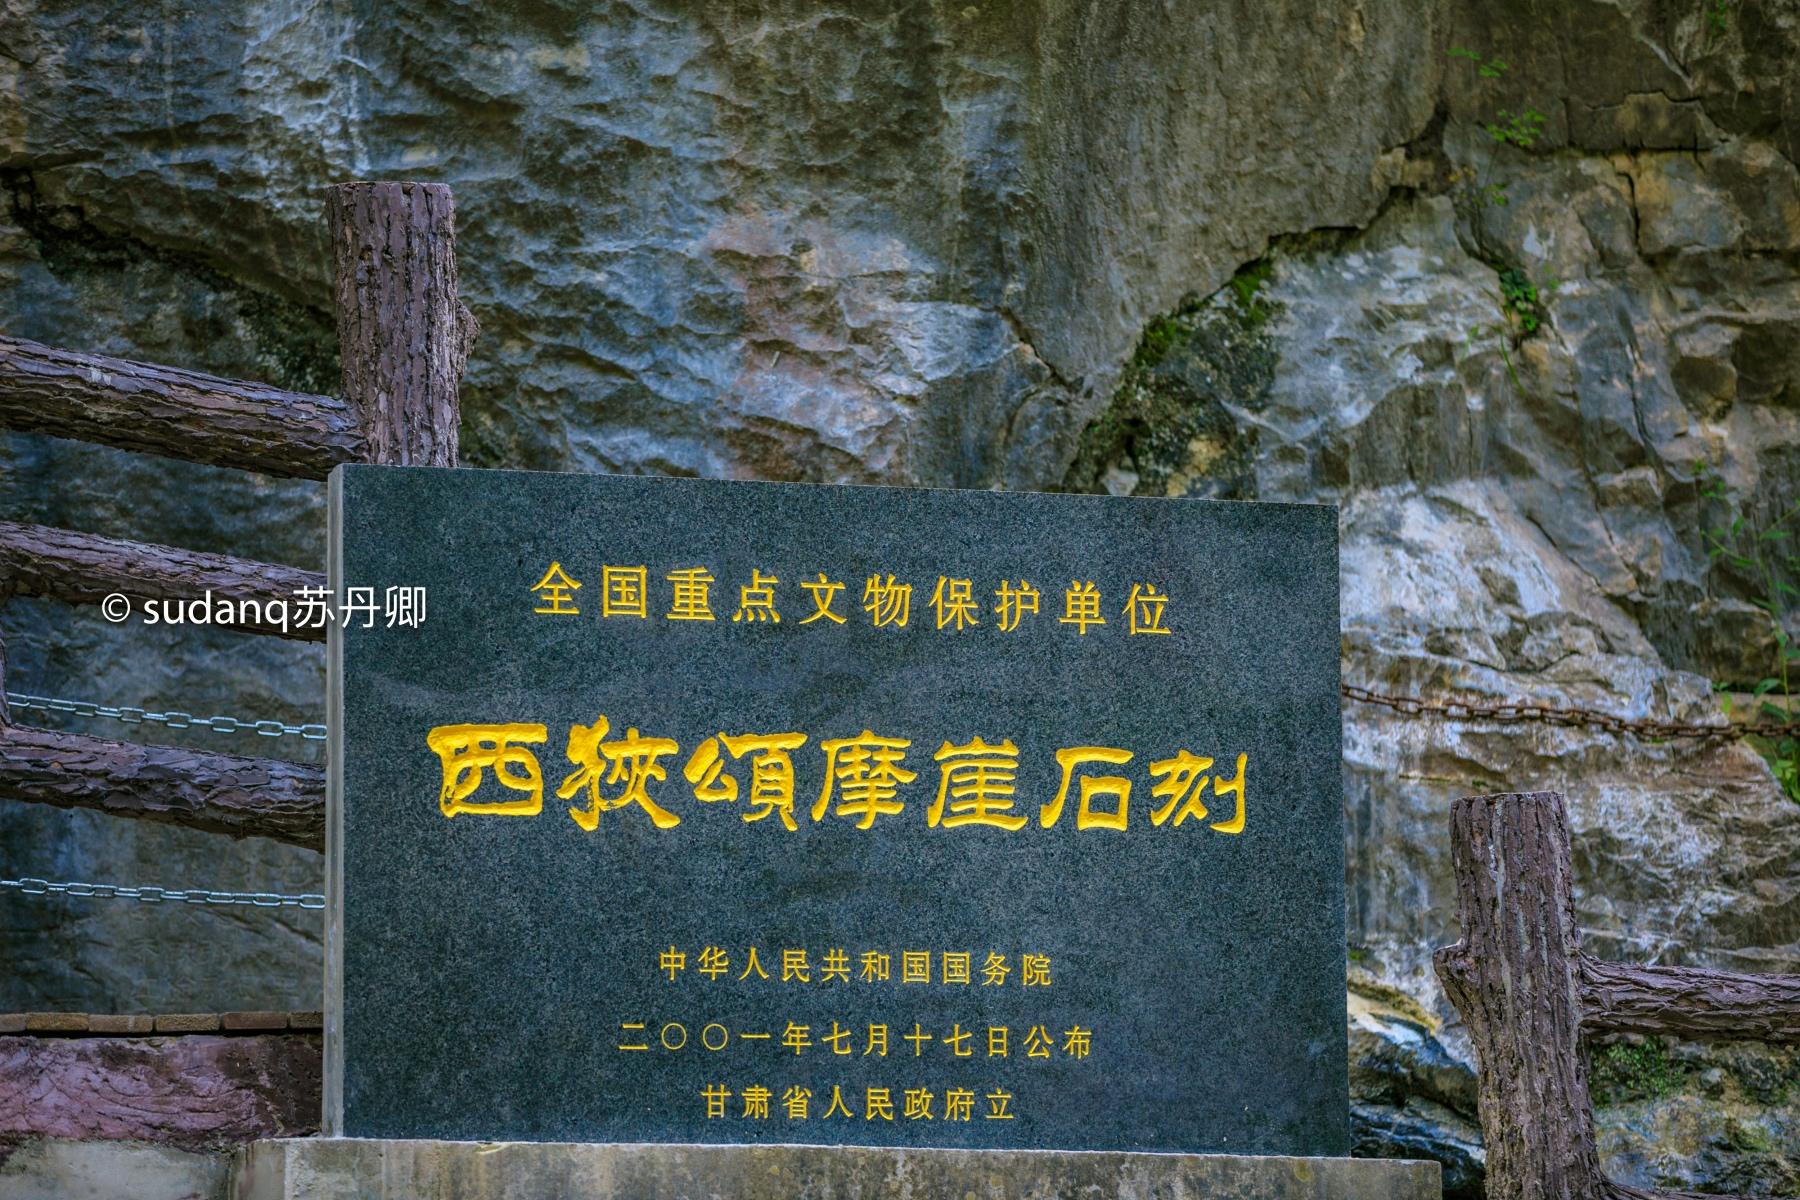 上海生活垃圾分类进入强制时代近一周 开出190张罚单